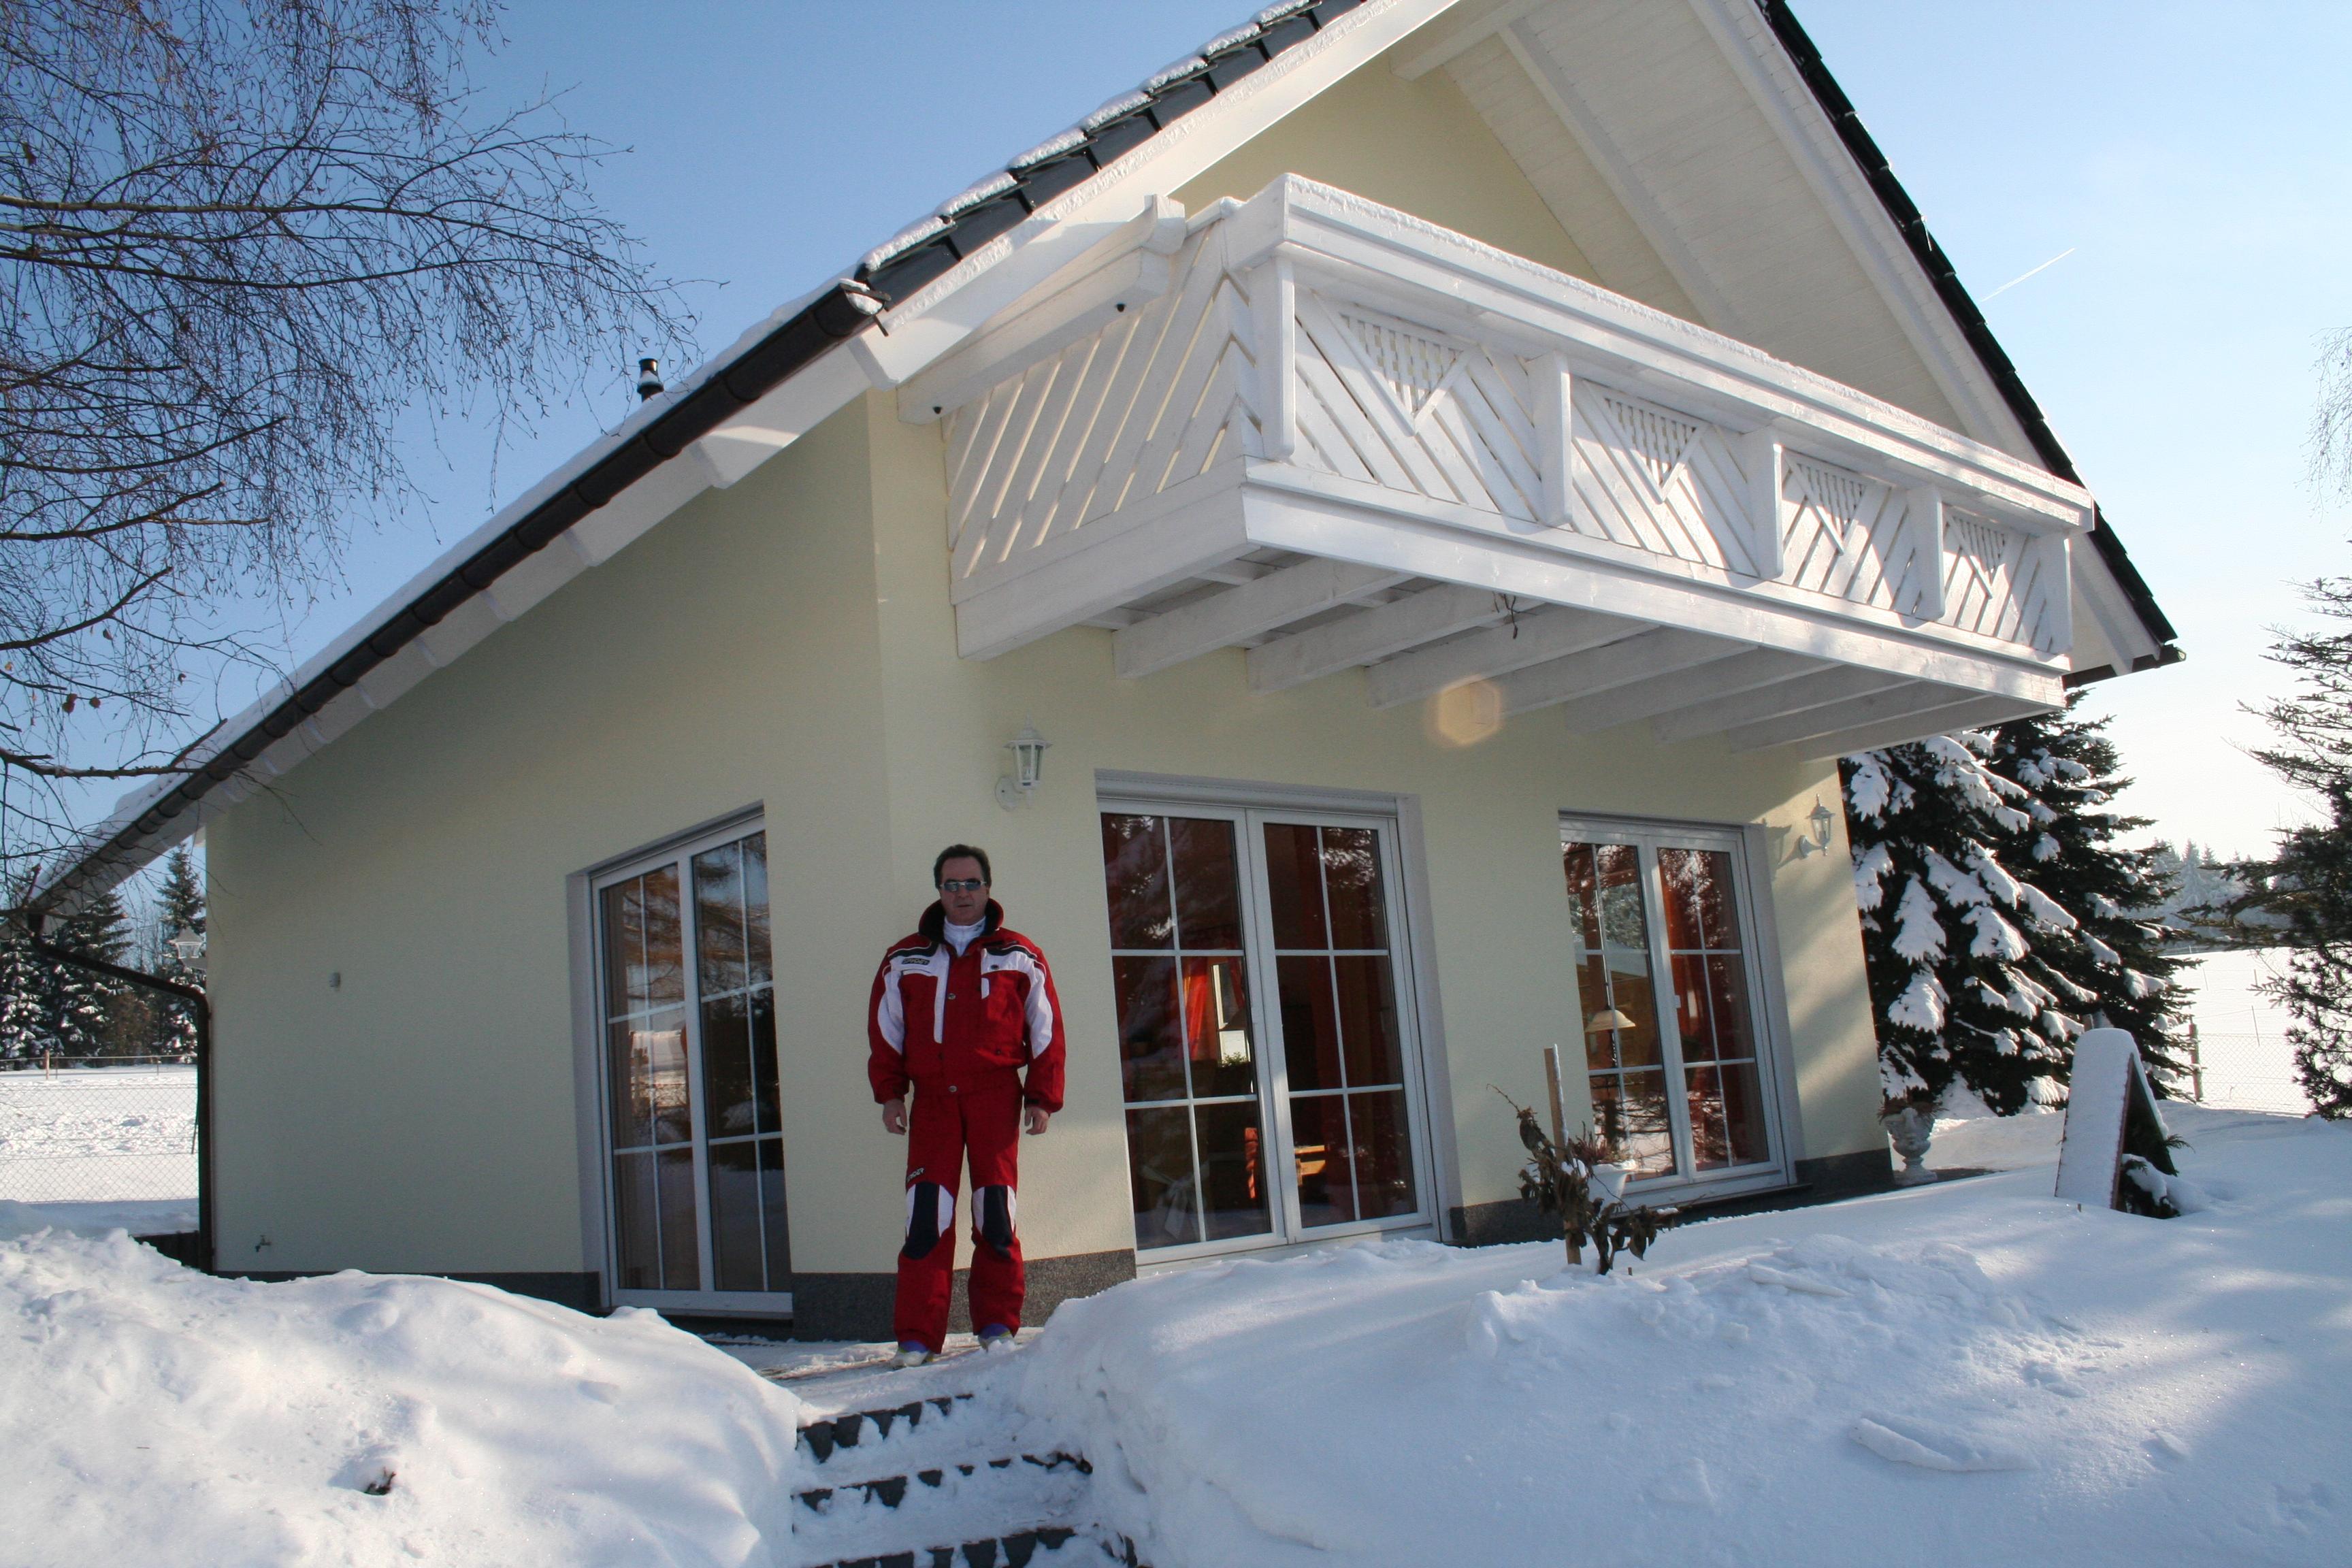 Haus Wintersport